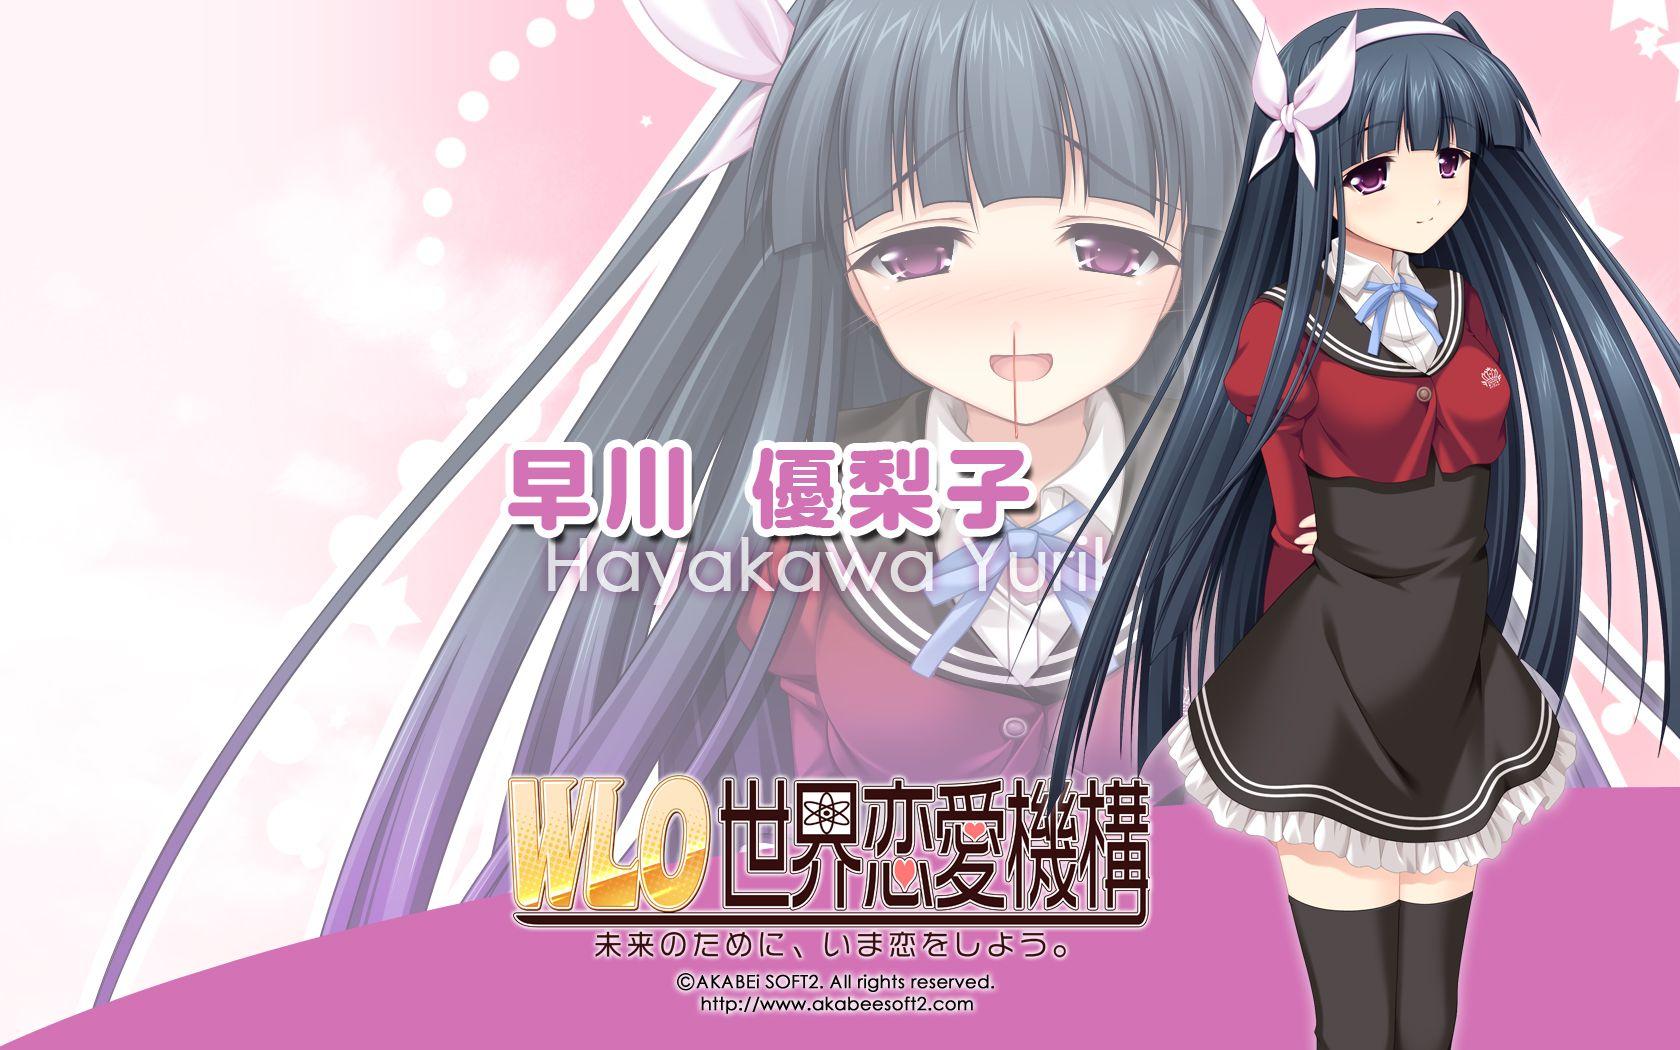 sekai_renai_kikou-06(1680x1050).jpg